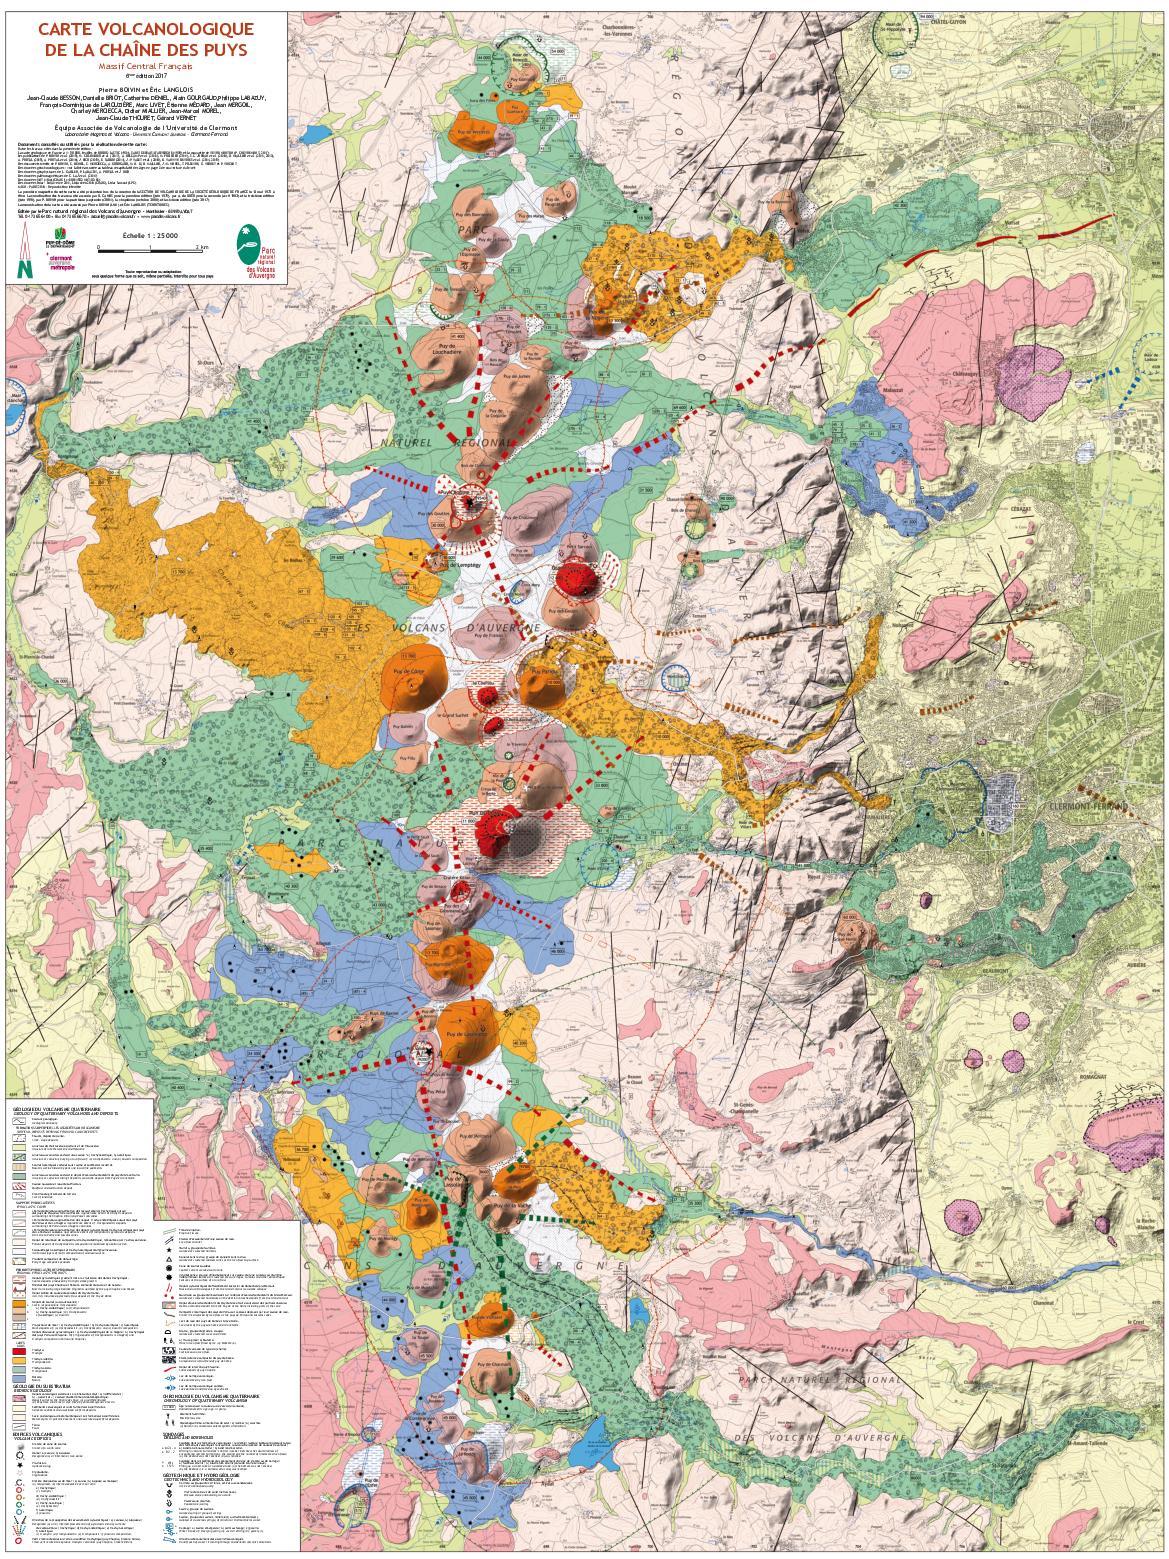 chaîne des puys carte Calaméo   Carte volcanique de la chaîne des Puys